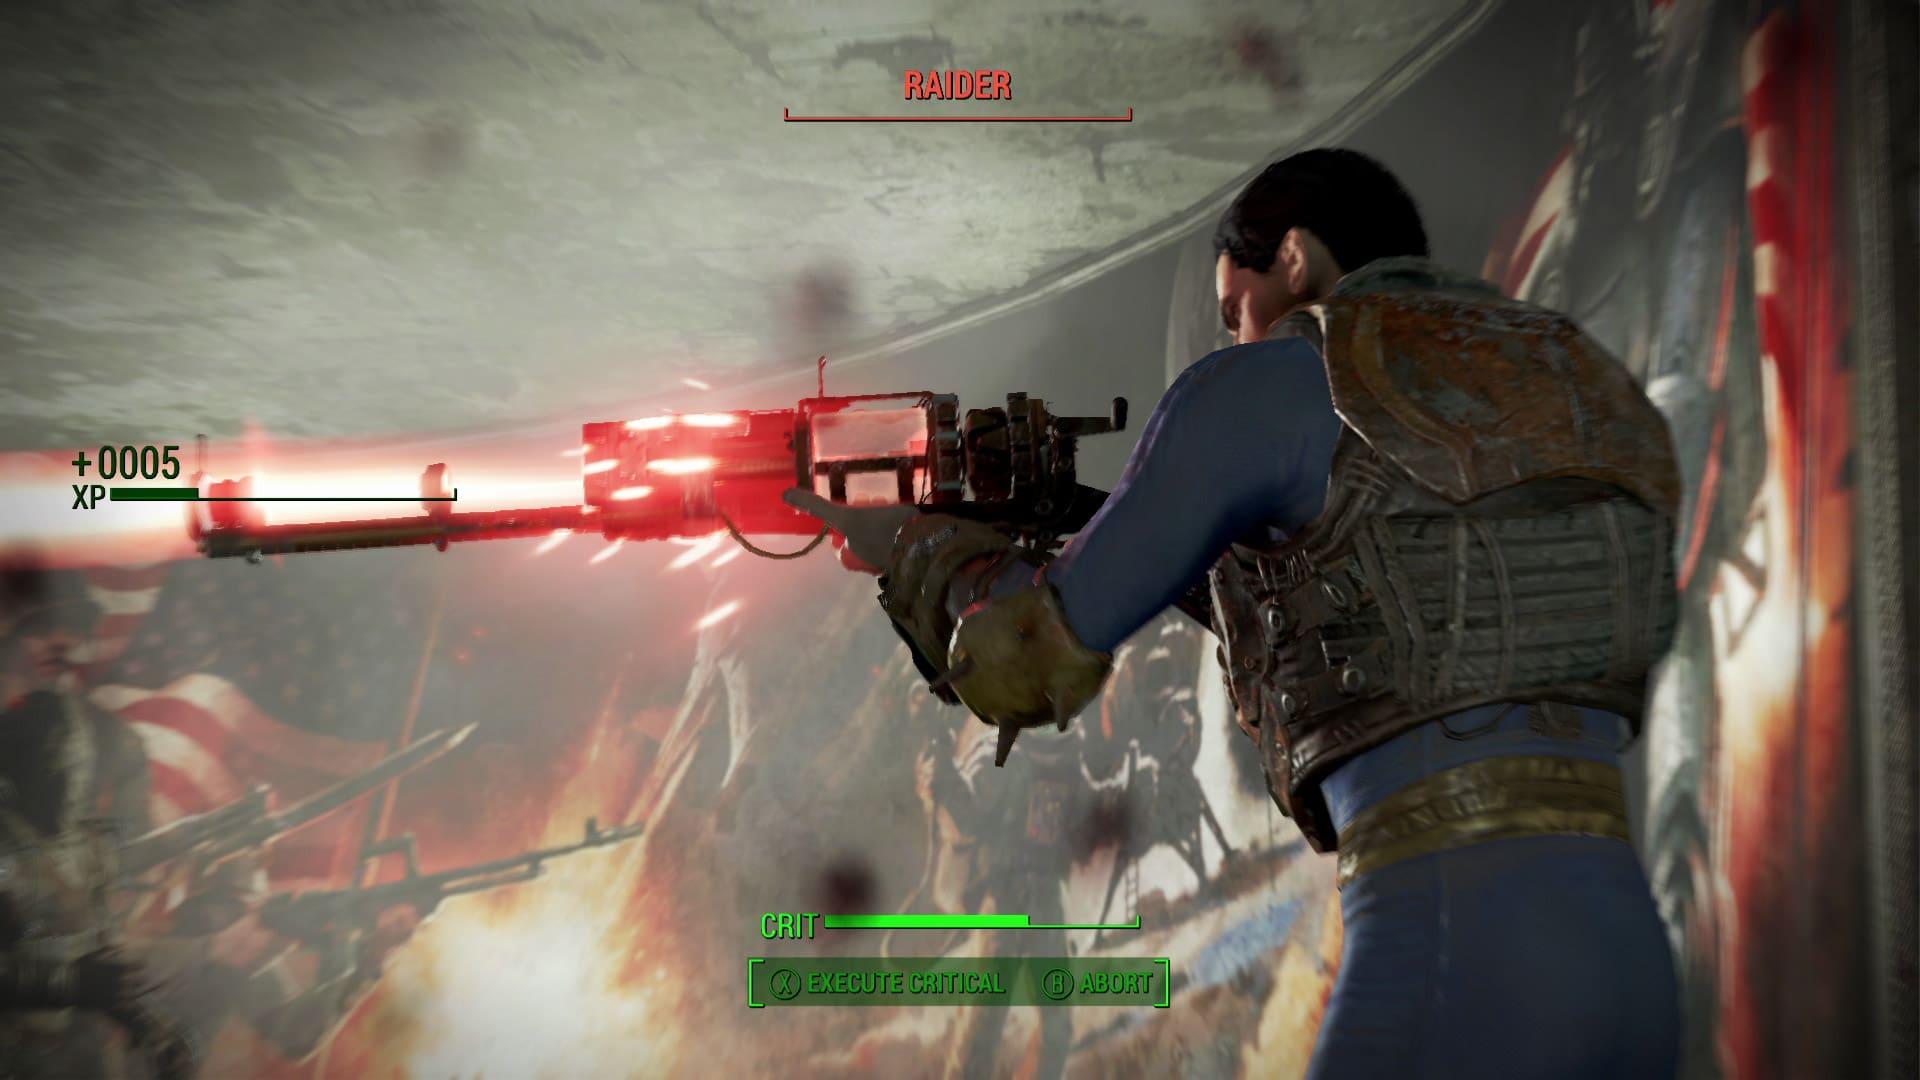 Fallout 4 Character Firing a Laser Gun